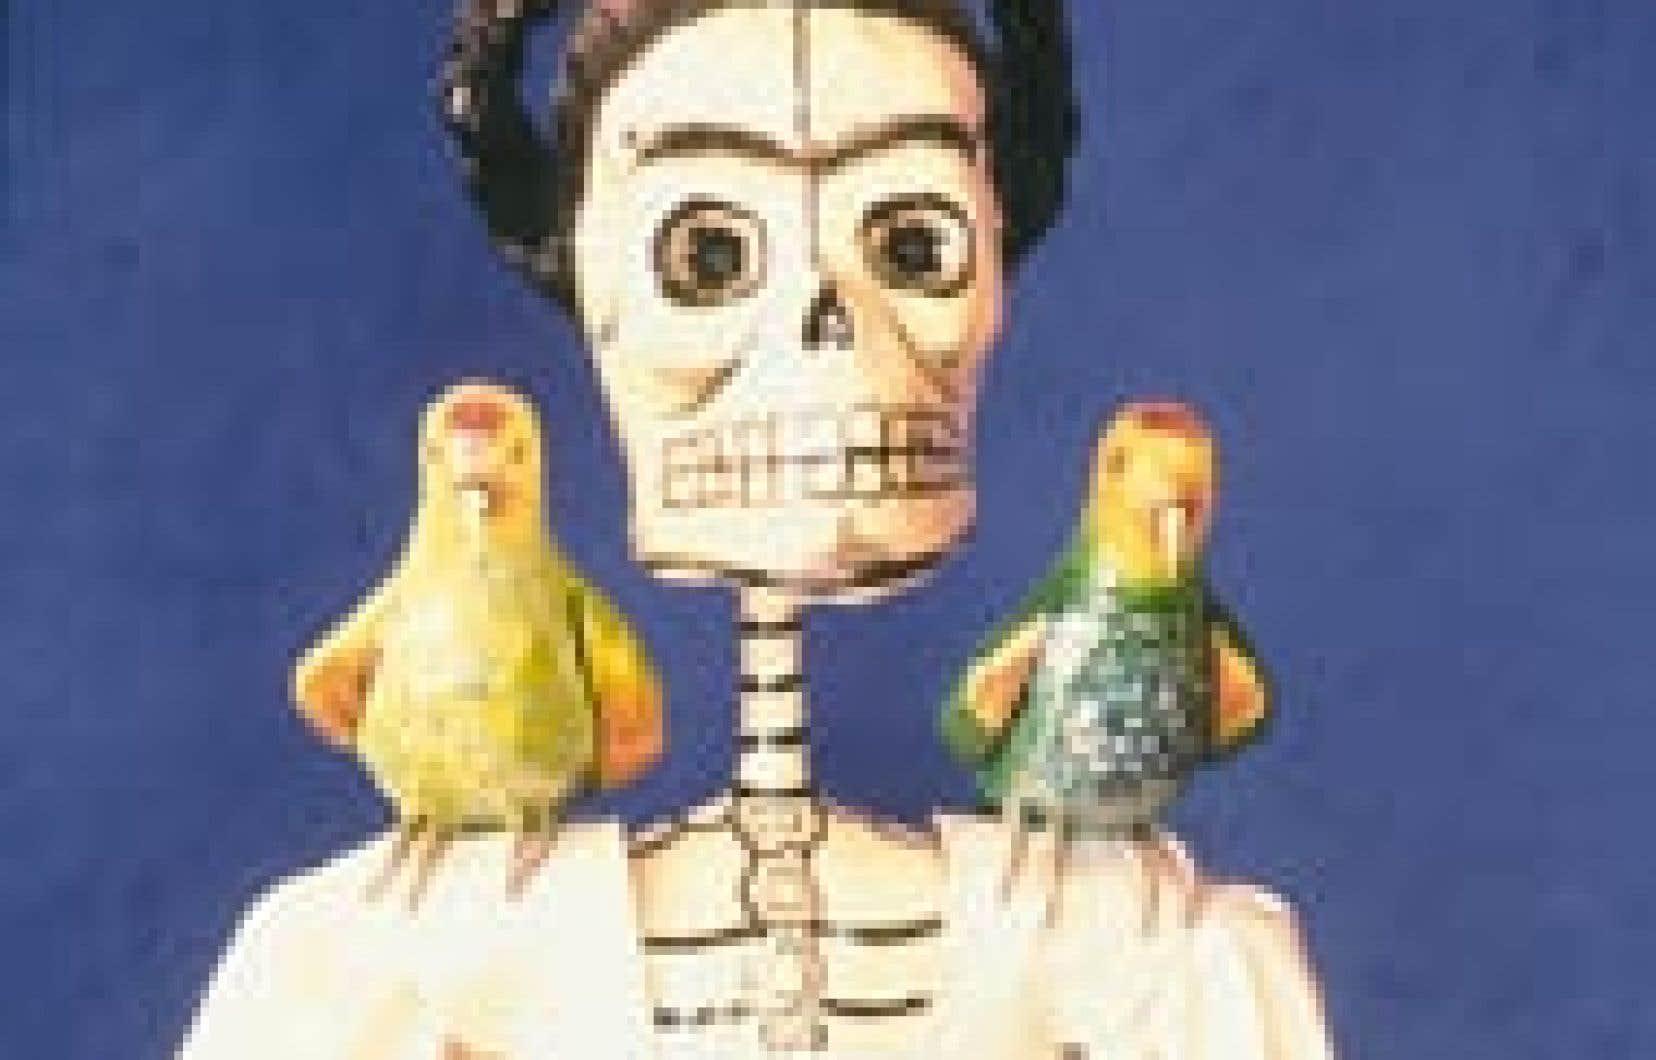 Offrande pour le Día de los muertos. Au Musée Frida Kahlo. — Photo: Office de tourisme de Mexico